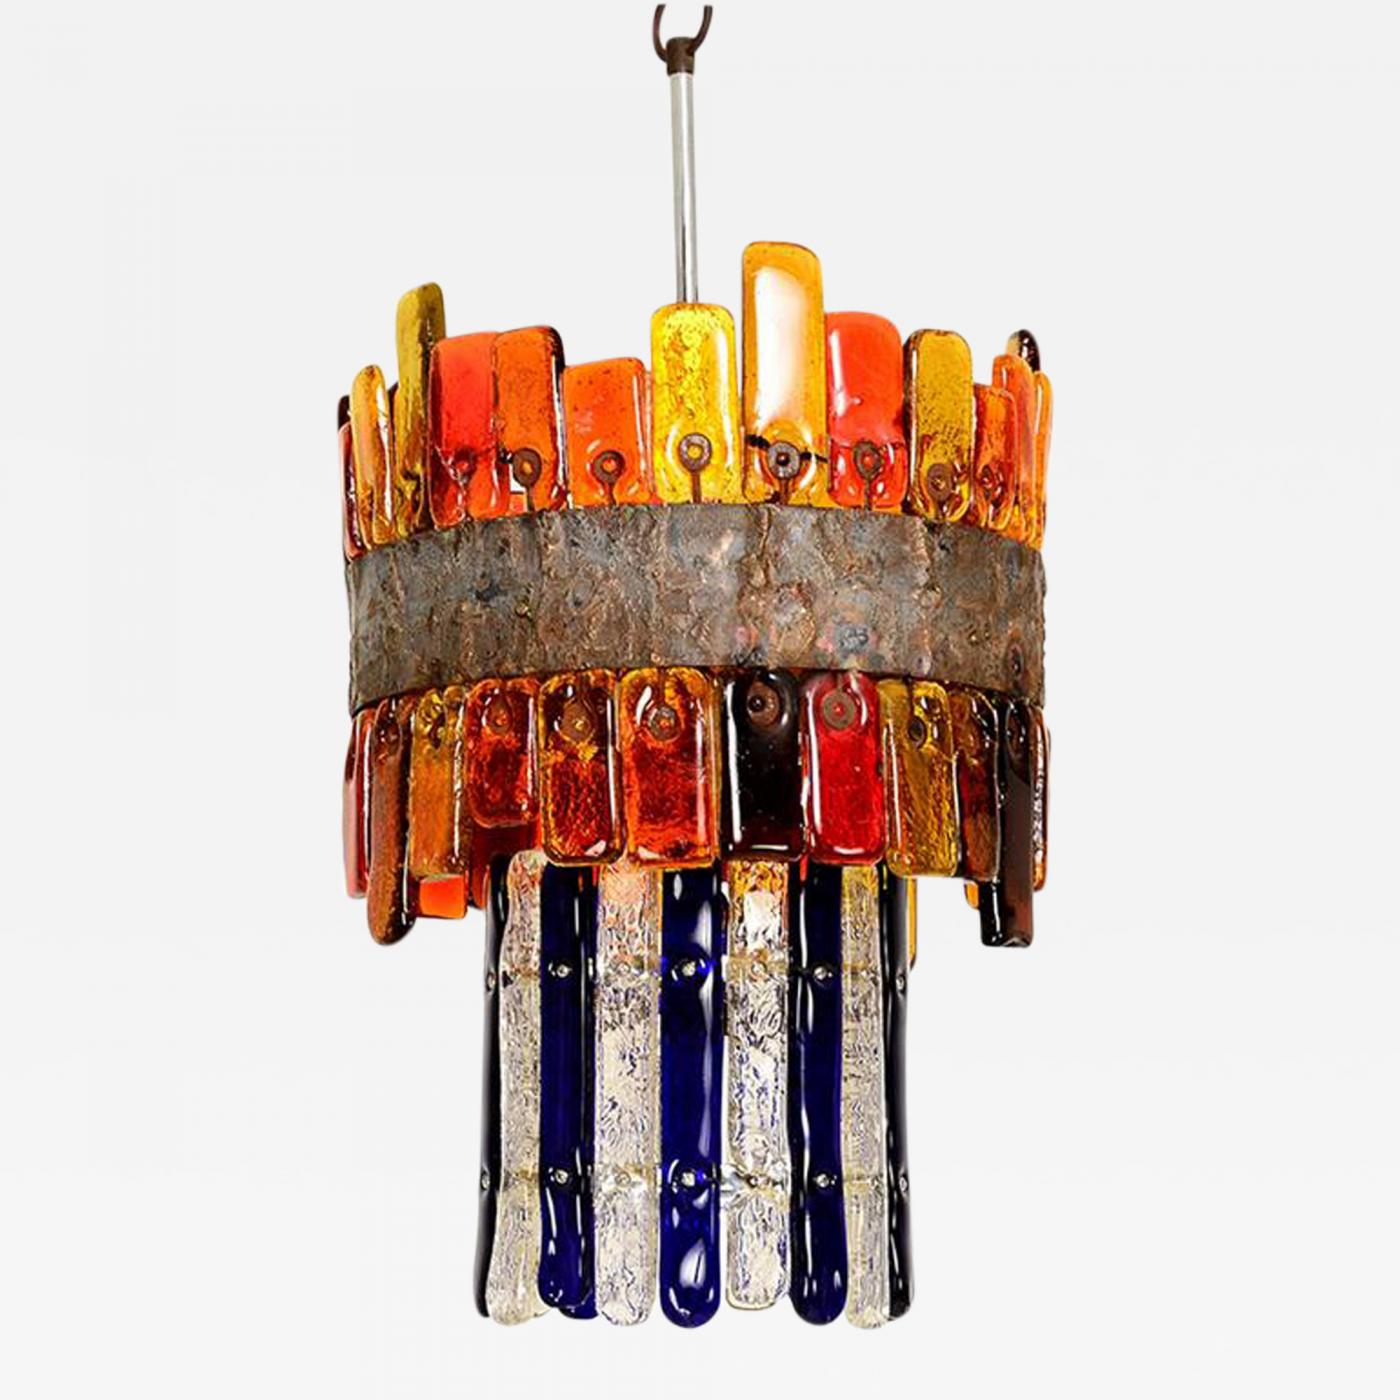 Feders feders handblown chandelier listings furniture lighting chandeliers and pendants feders feders handblown chandelier mozeypictures Images